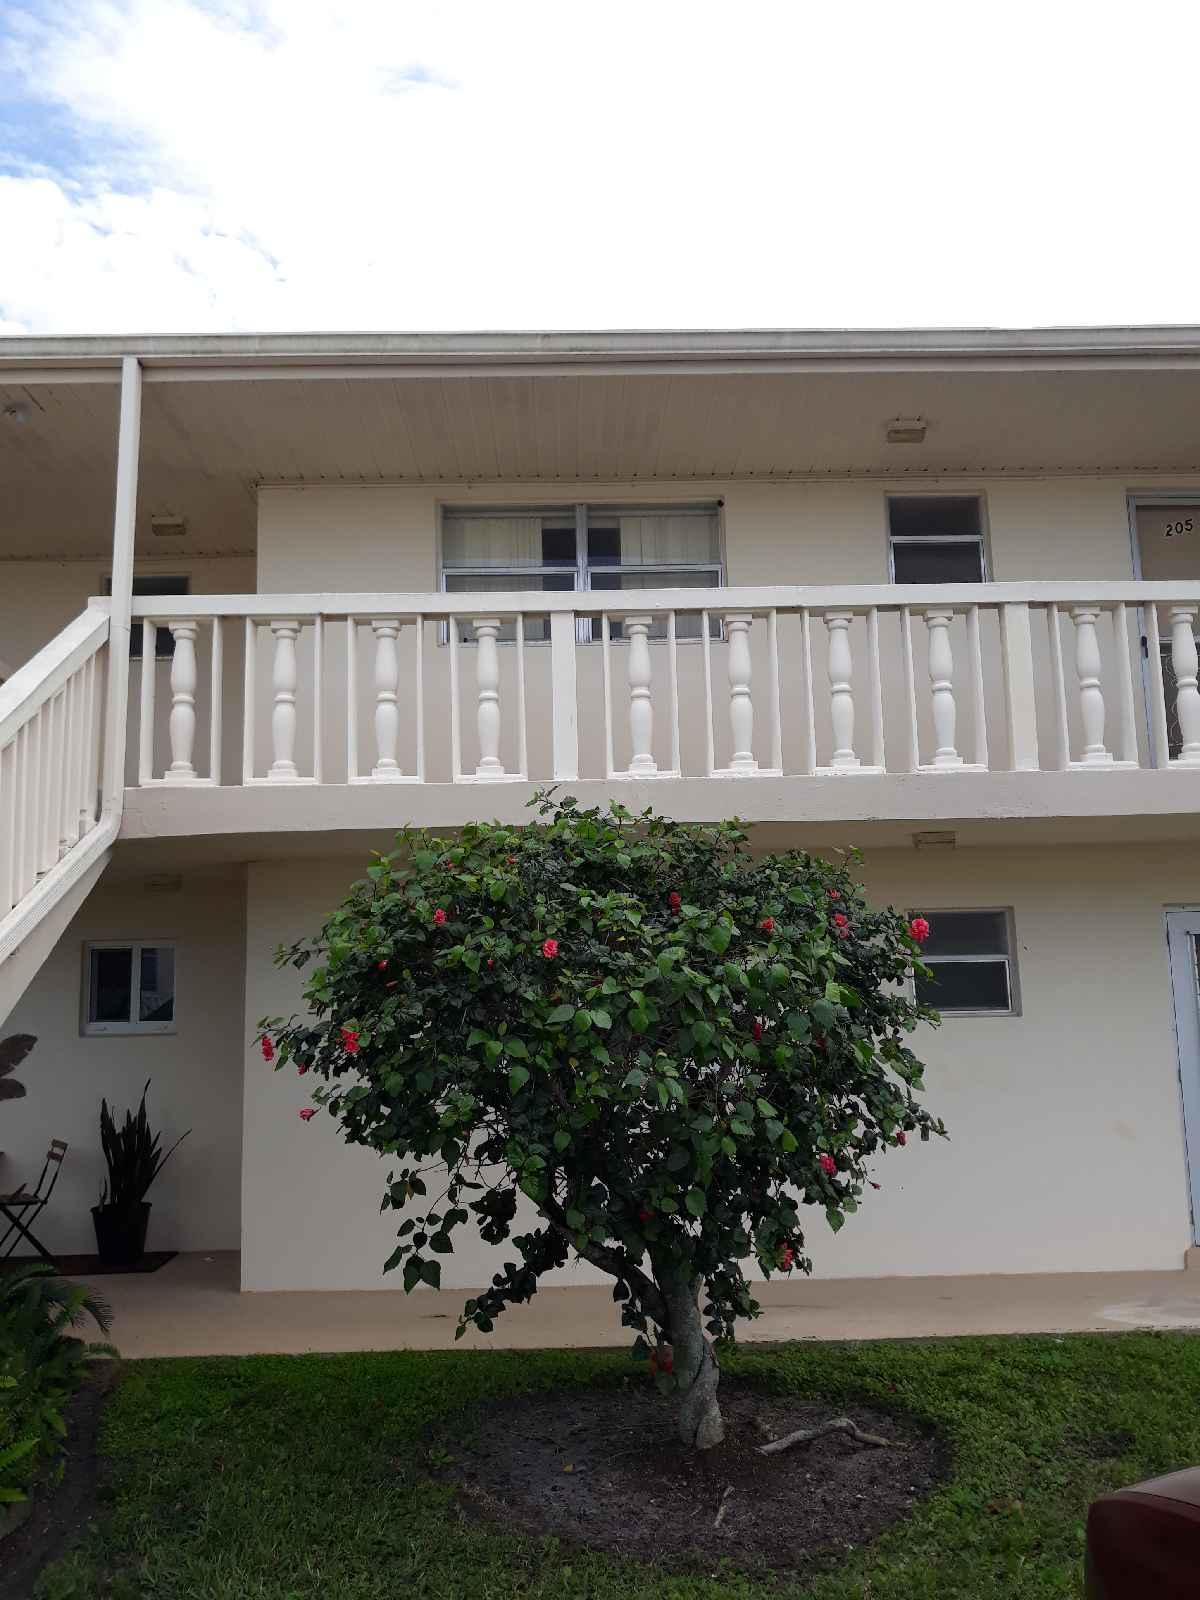 2121 1st Court, Boynton Beach, Florida 33435, 2 Bedrooms Bedrooms, ,2 BathroomsBathrooms,Condo/Coop,For Rent,1st,2,RX-10509467